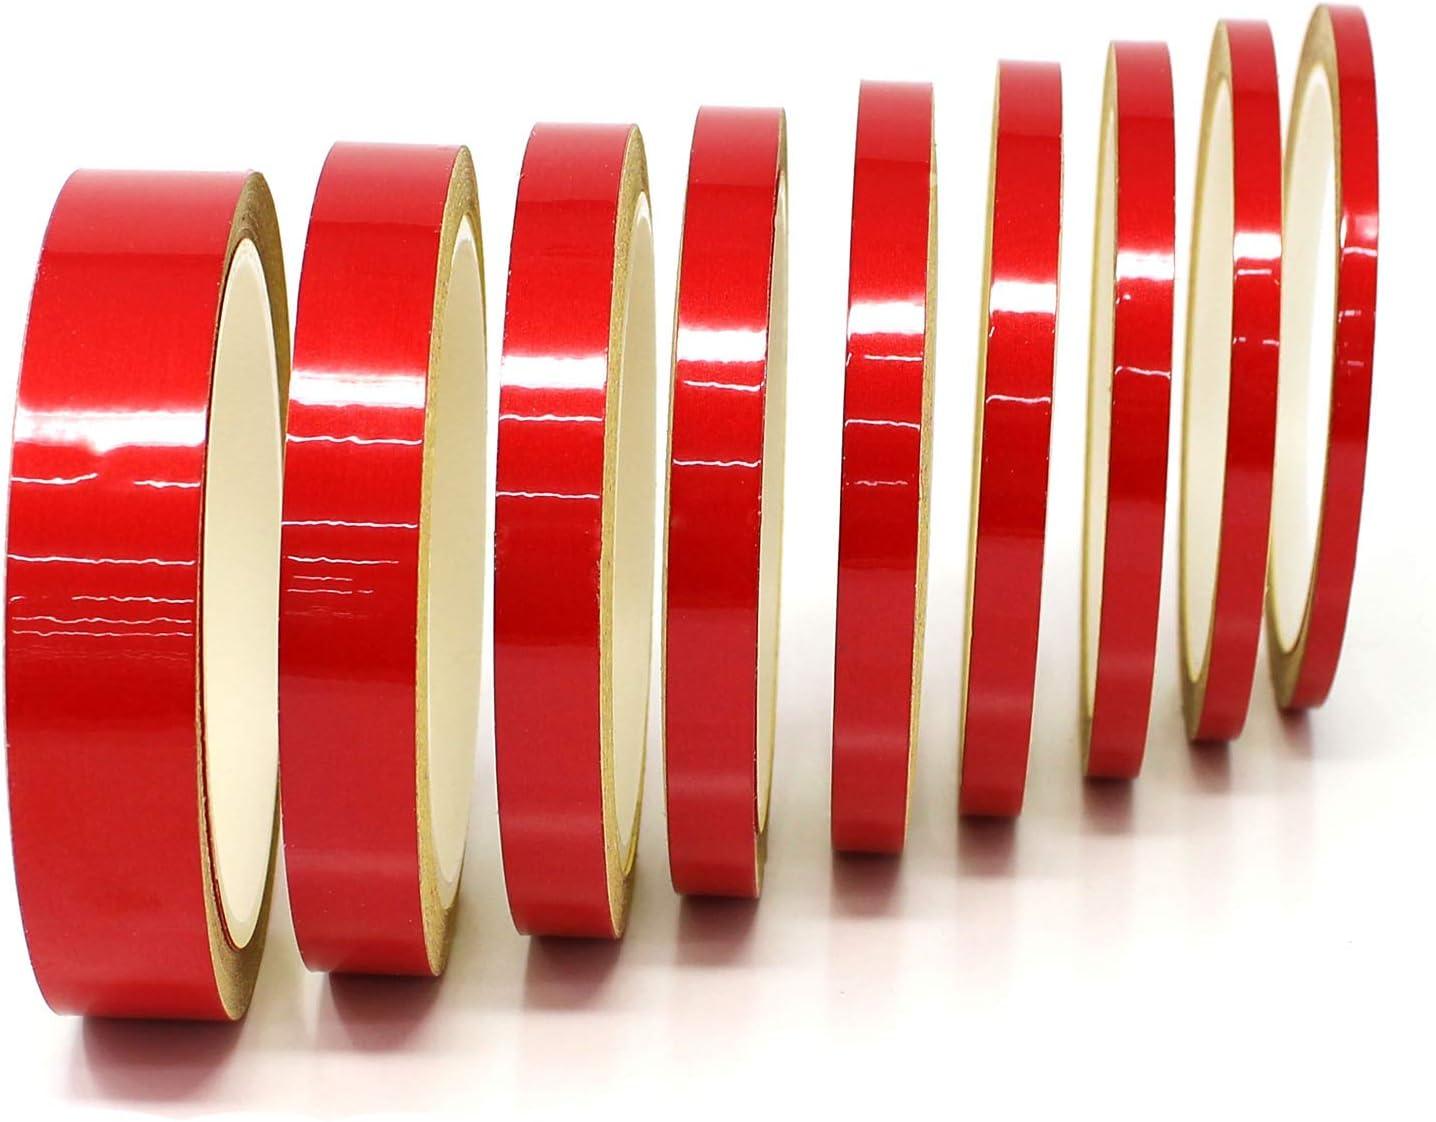 10 Meter 0,79/€//Meter Reflektierend Rot, 9mm Breite Finest Folia Dekorstreifen Seitenstreifen Klebestreifen Zierstreifen Auto Motorrad Boot Modellbau Farbauswahl